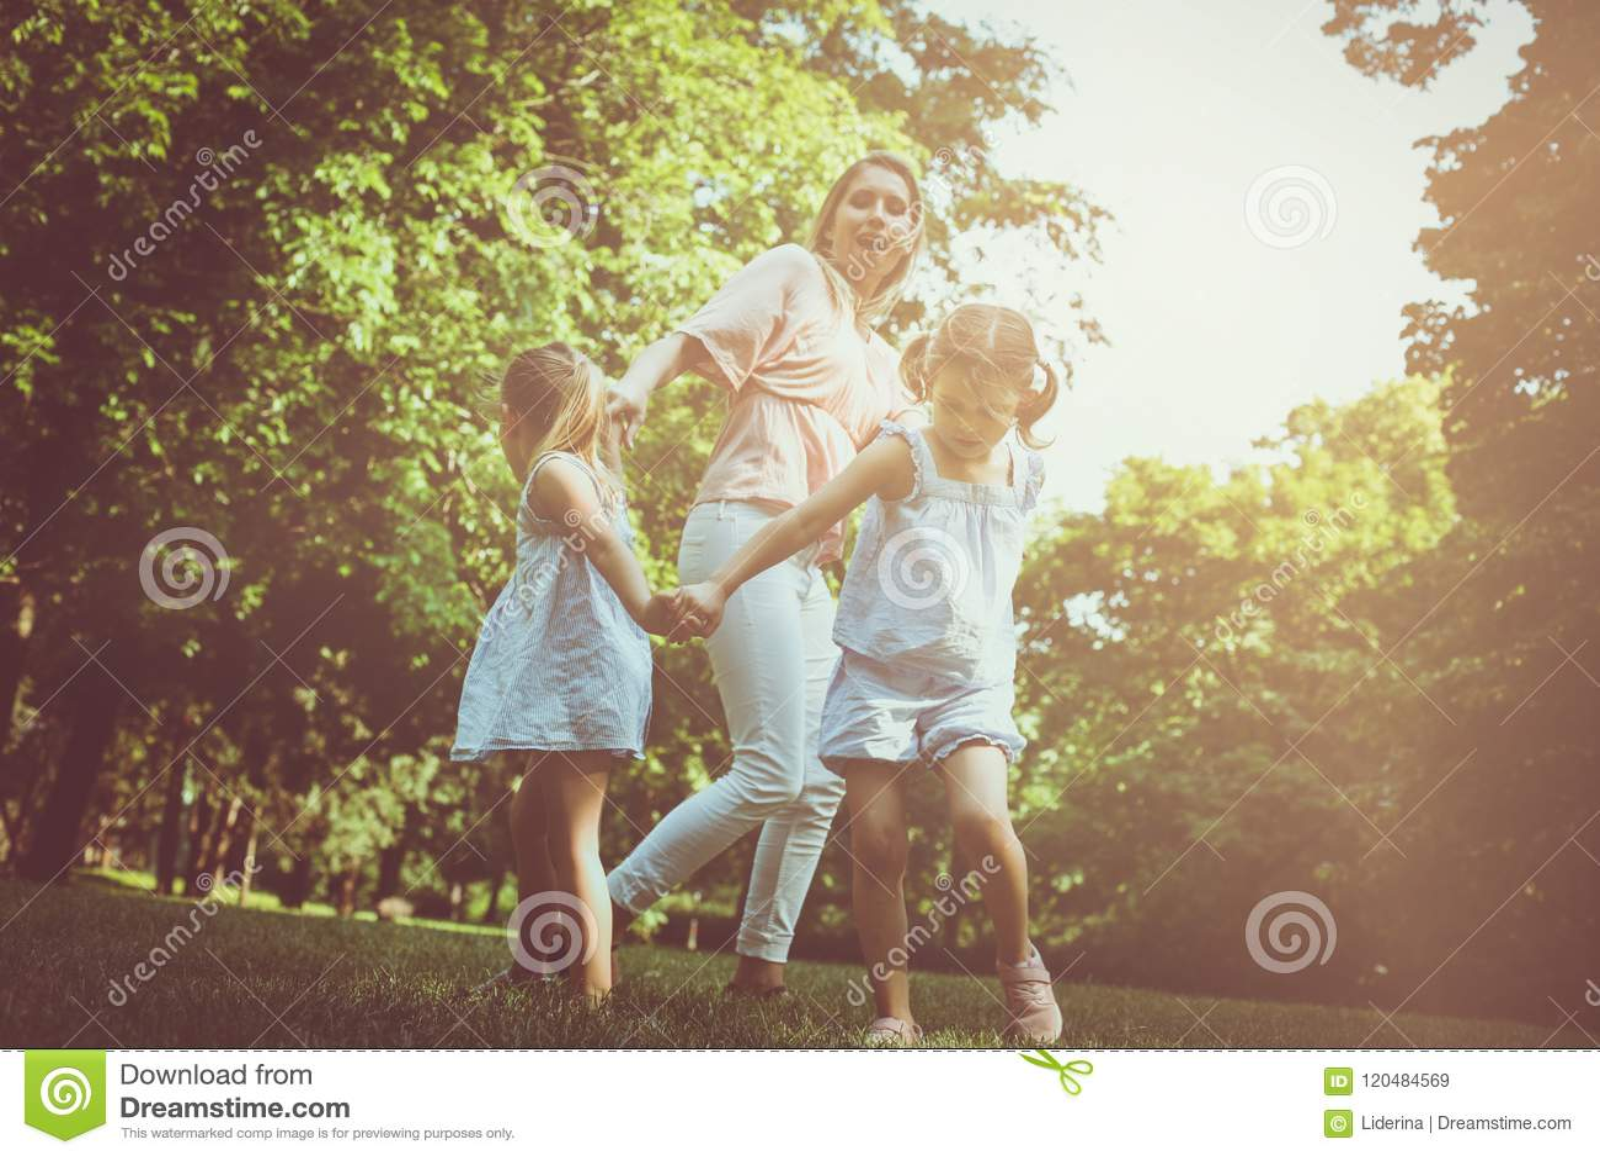 Mime a jugar en prado con su pequeña hija dos